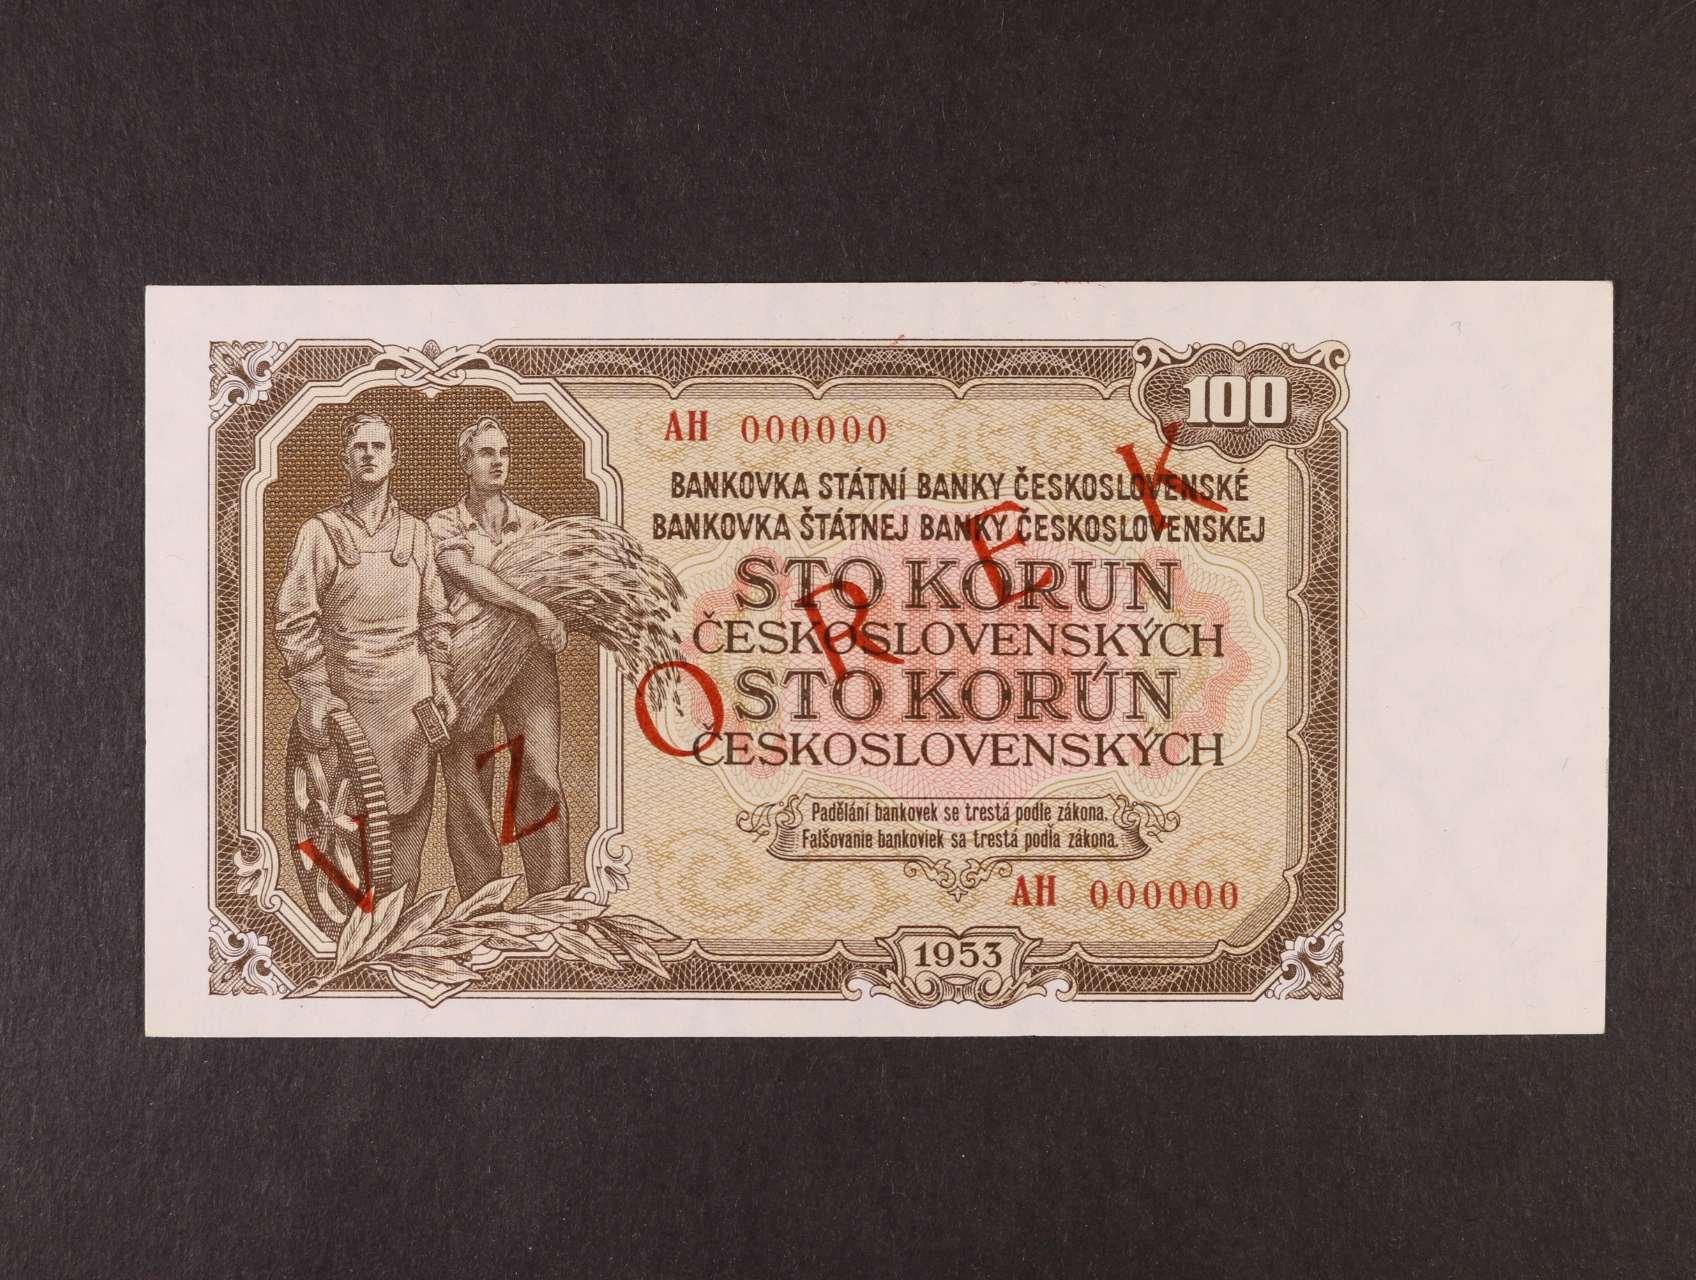 100 Kčs 1953 anulát série AH s přetiskem VZOREK, Ba. 92s,  Kar. 90a, Pi. 86s